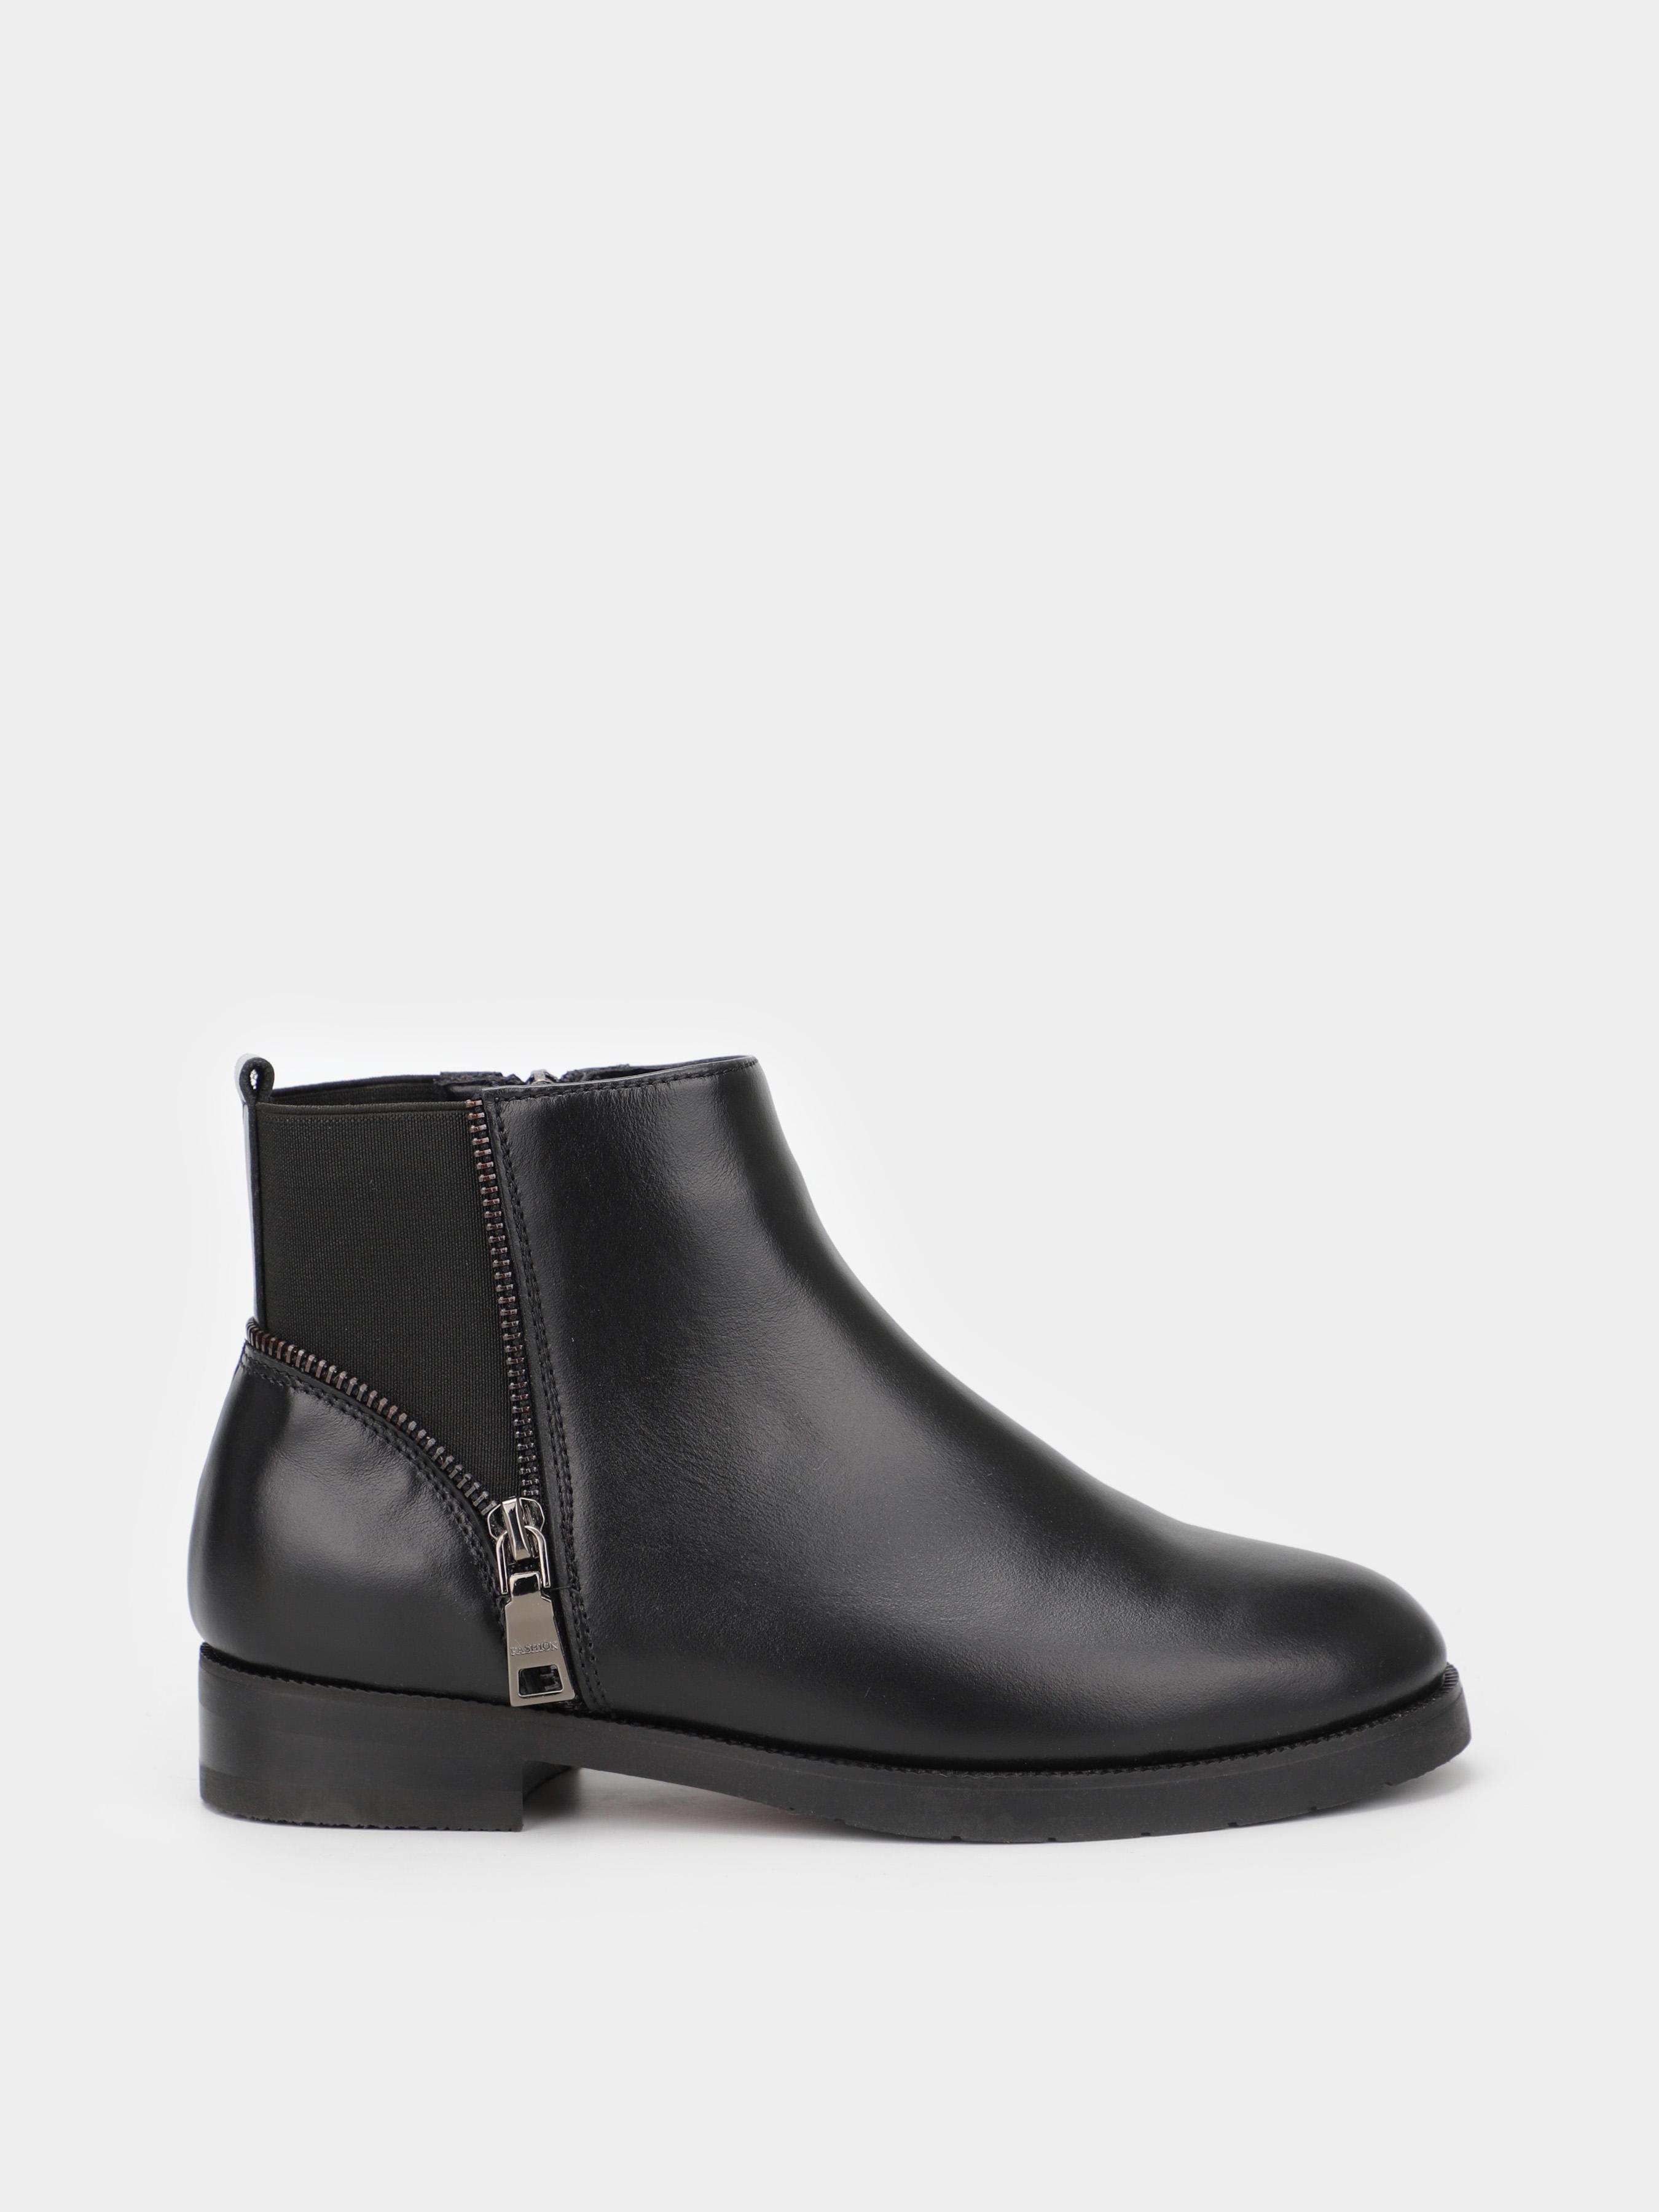 Ботинки для женщин MiO Parenti 8C42 размеры обуви, 2017